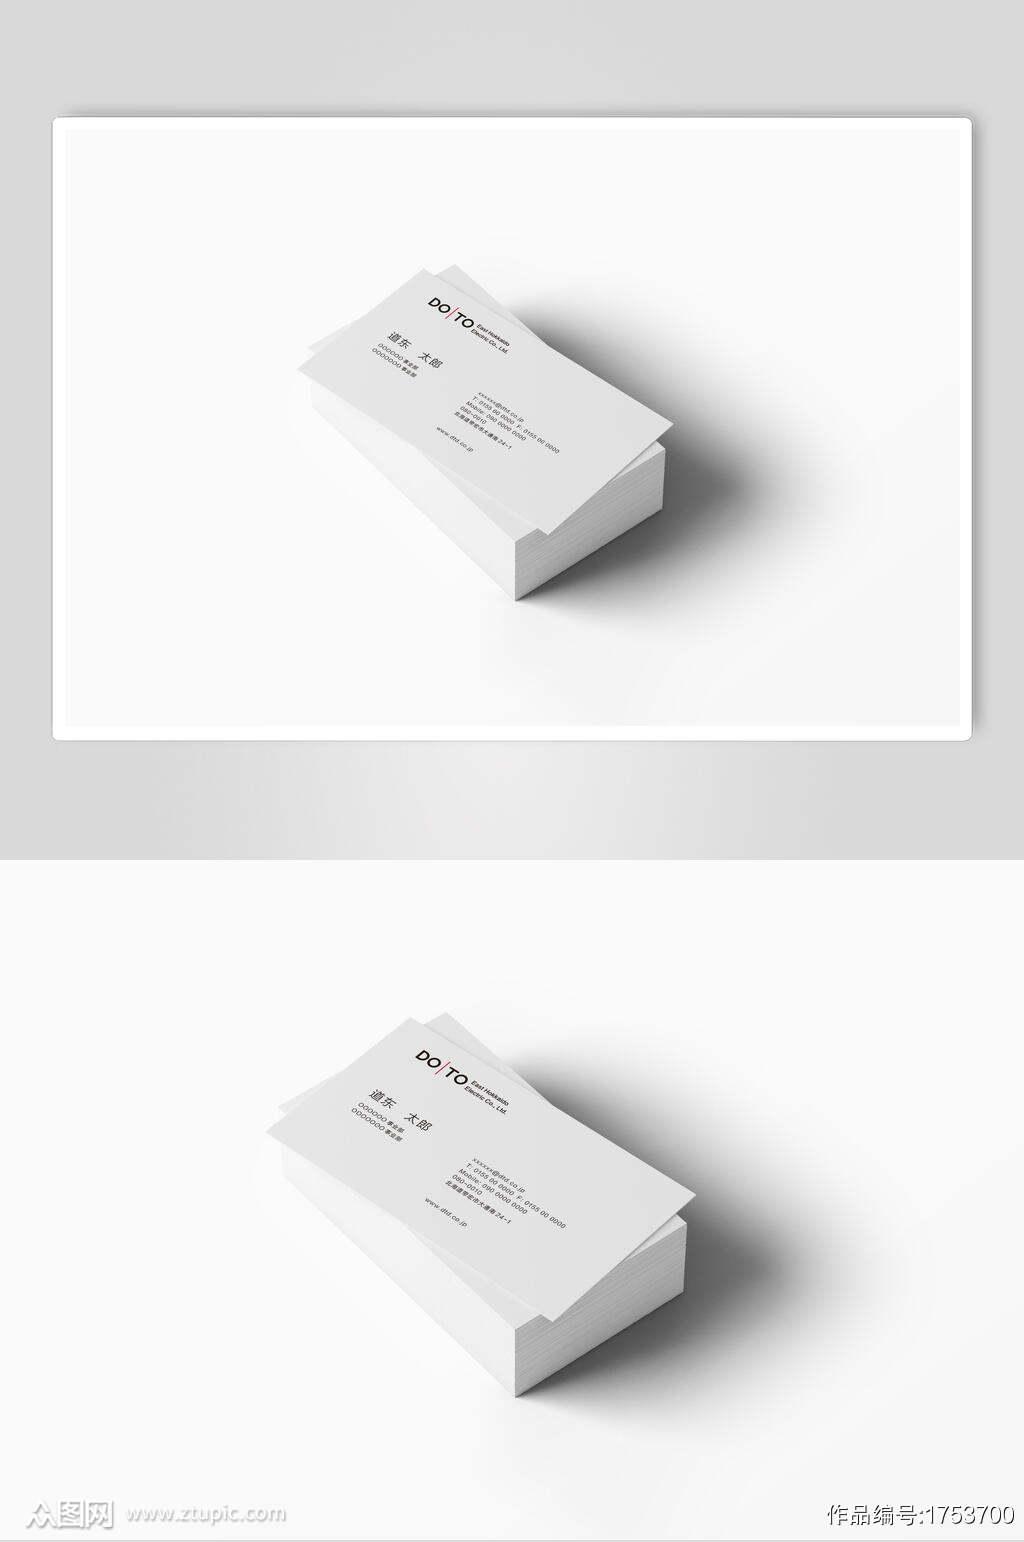 白色名片样机效果图素材